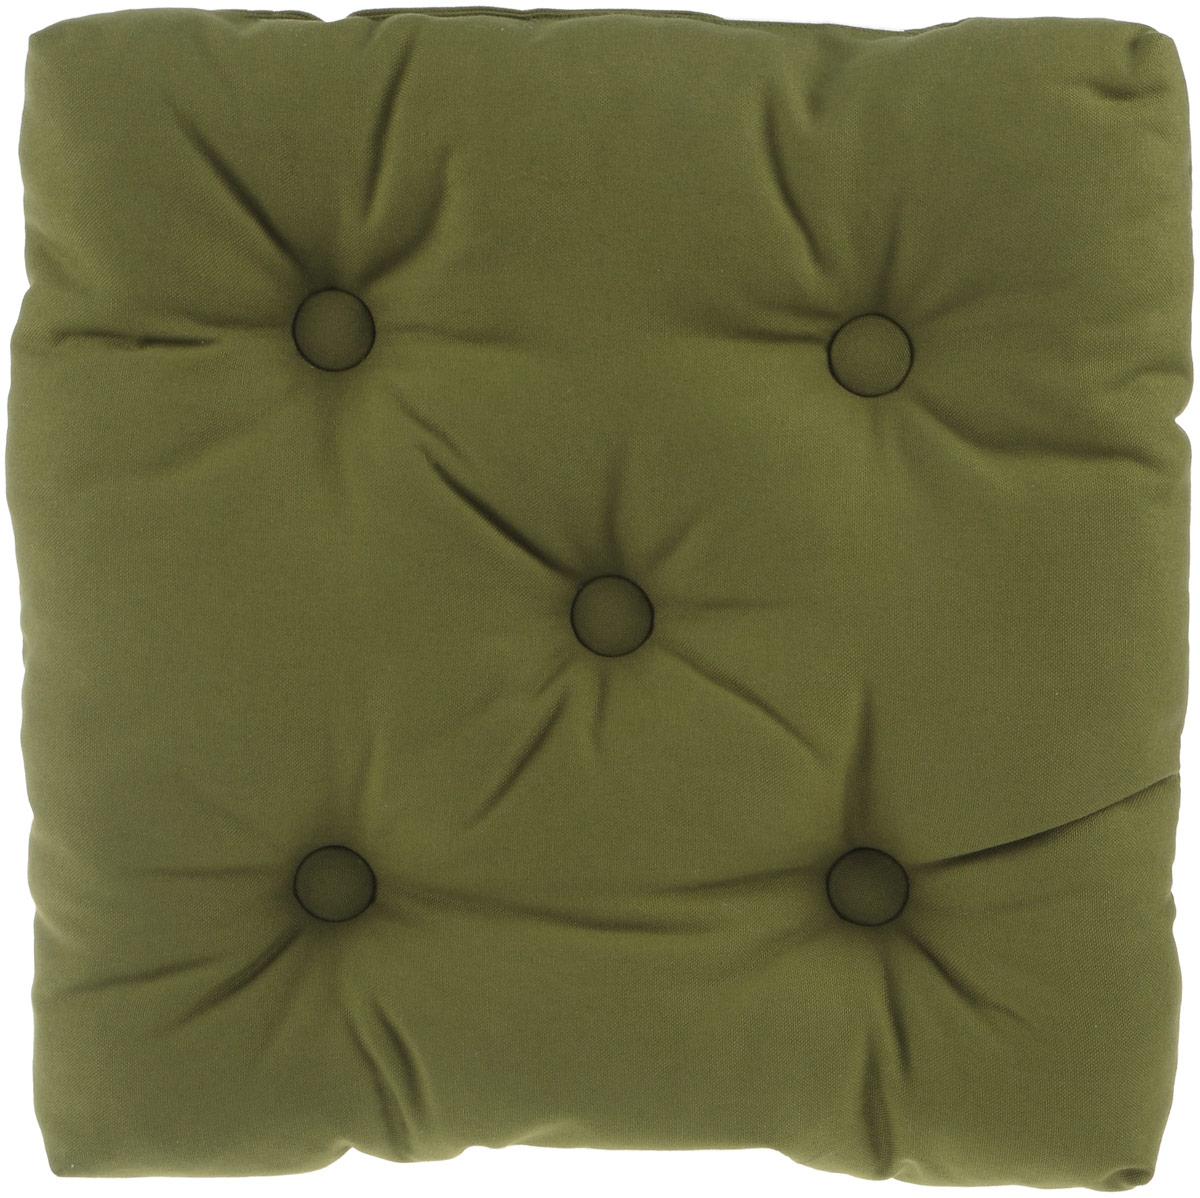 Подушка на стул KauffOrt Комо, цвет: зеленый, 40 x 40 см3121050186Подушка на стул KauffOrt Комо не только красиво дополнит интерьер кухни, но и обеспечит комфорт при сидении. Чехол выполнен из хлопка, а наполнитель из холлофайбера. Подушка легко крепится на стул с помощью завязок. Правильно сидеть - значит сохранить здоровье на долгие годы. Жесткие сидения подвергают наше здоровье опасности. Подушка с мягким наполнителем поможет предотвратить большинство нежелательных последствий сидячего образа жизни. Толщина подушки: 10 см.